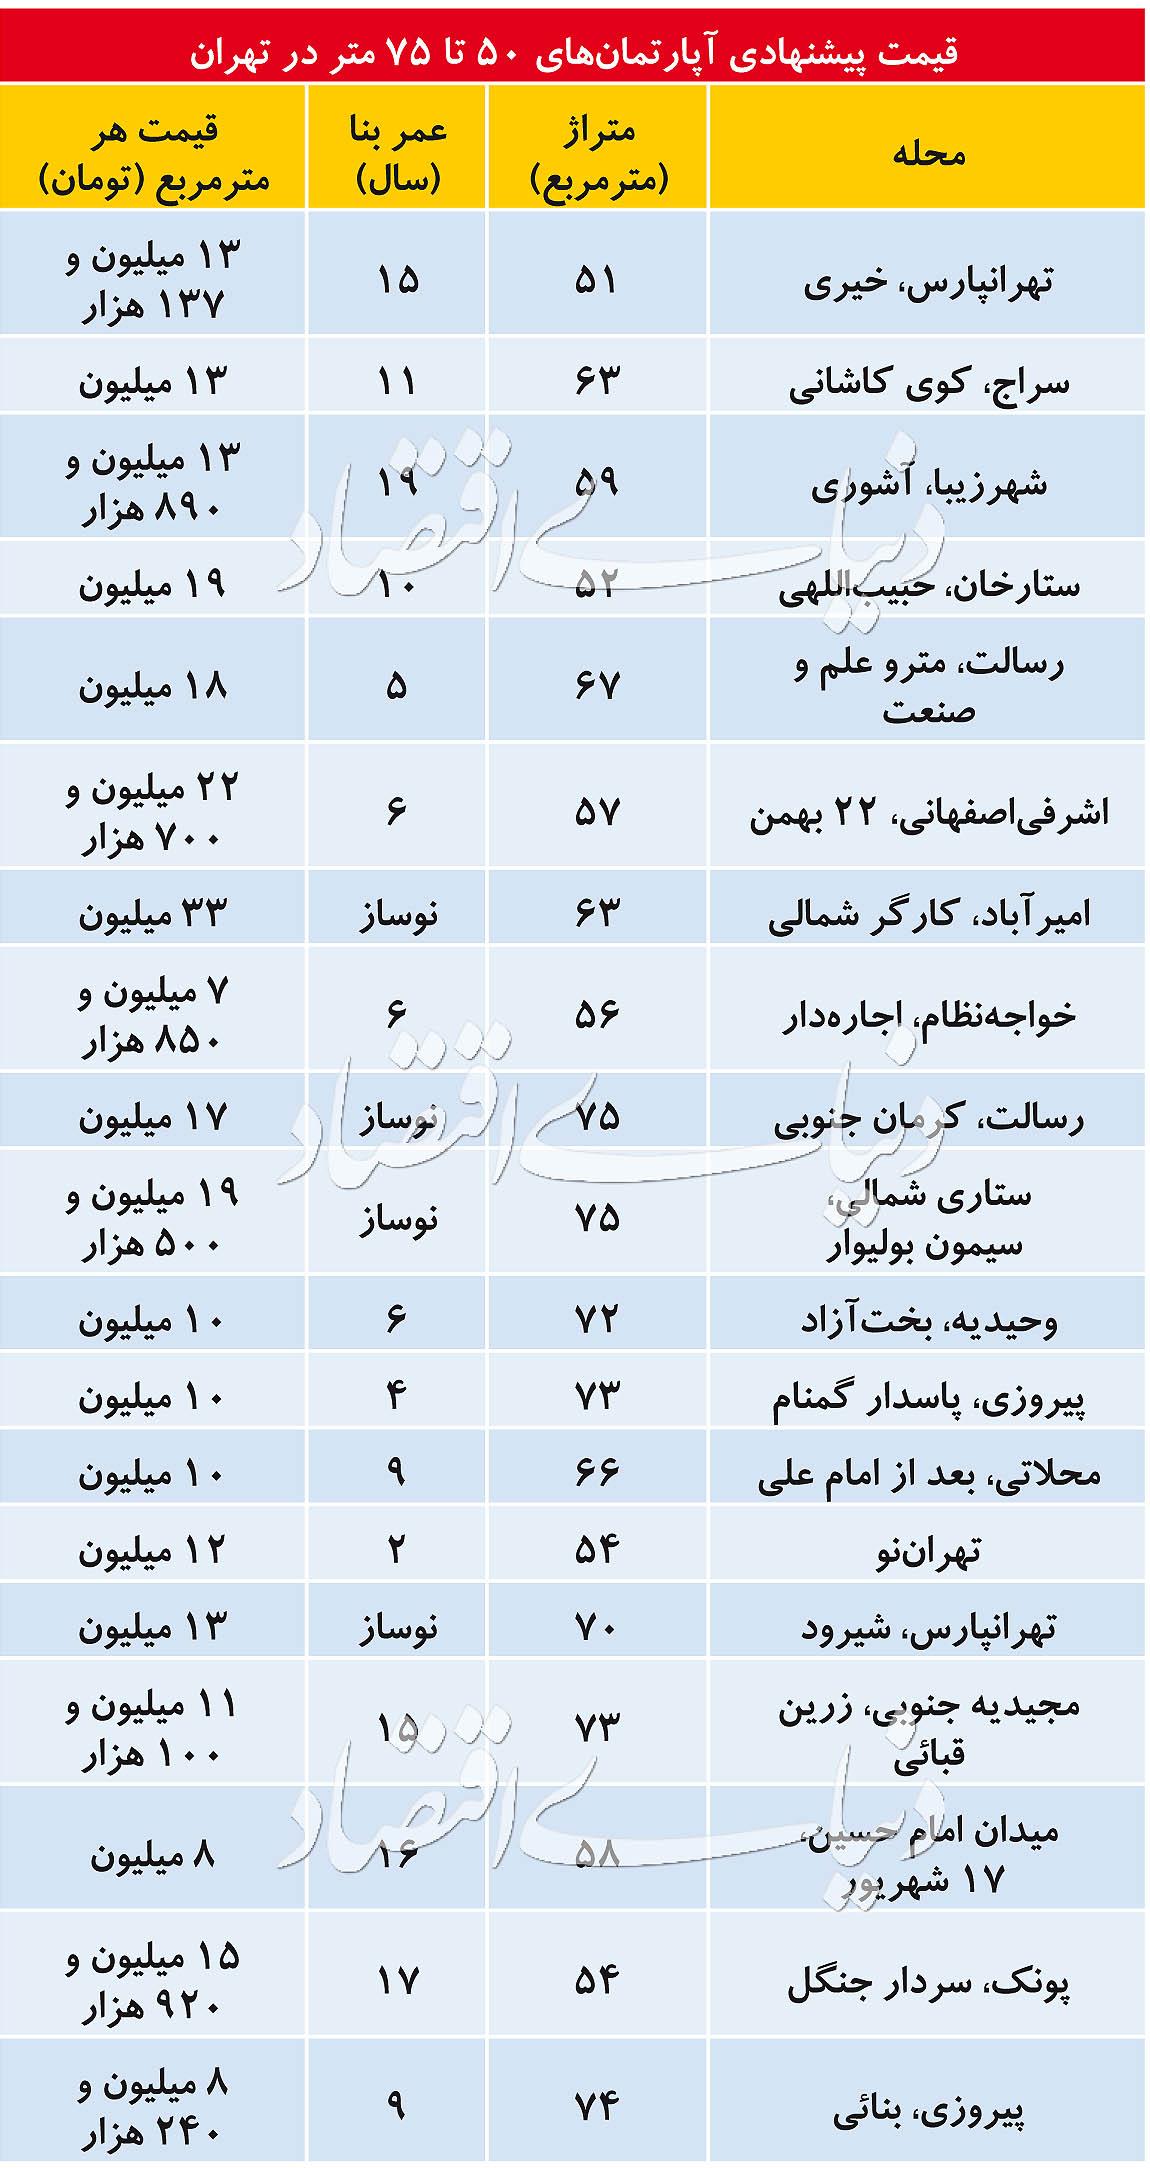 جدول قیمت مسکن در مترازهای مختاف